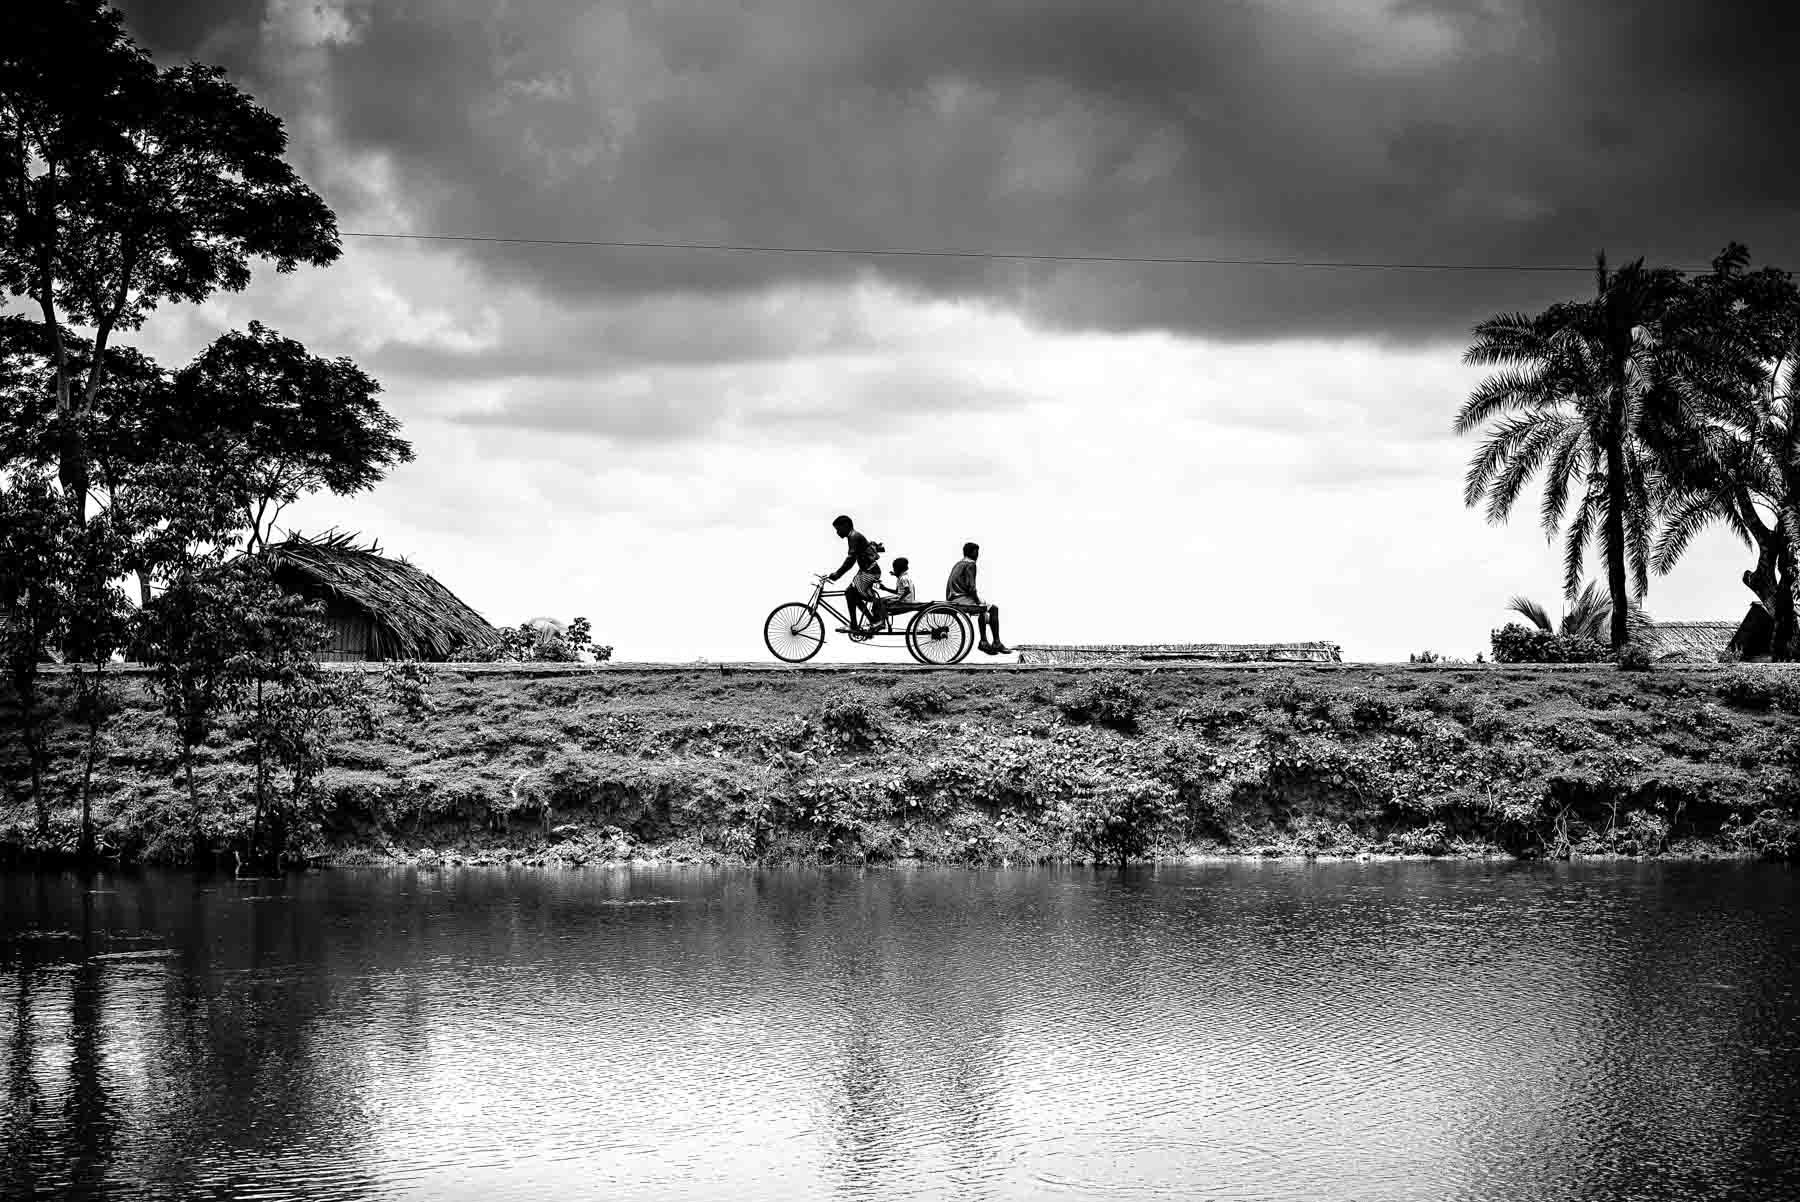 Jules_toulet_bangladesh-13